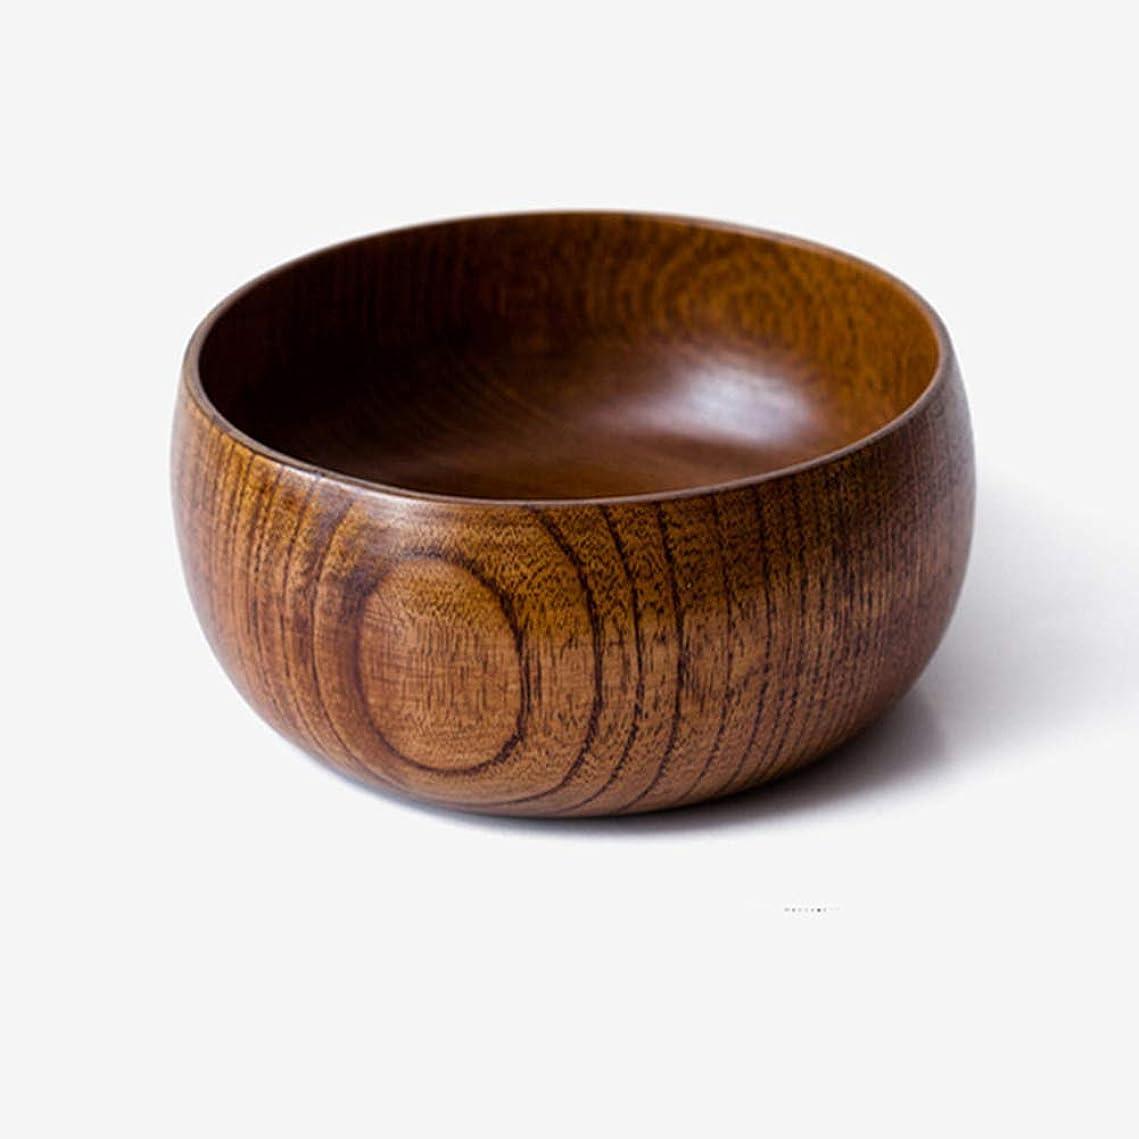 倒産定刻苦しみプレミア家庭用品丸みを帯びたサービングボウル、小さな木製スナックボウル/サービング皿、アカシアの木、茶色、13 x 13 x 7.1 cm